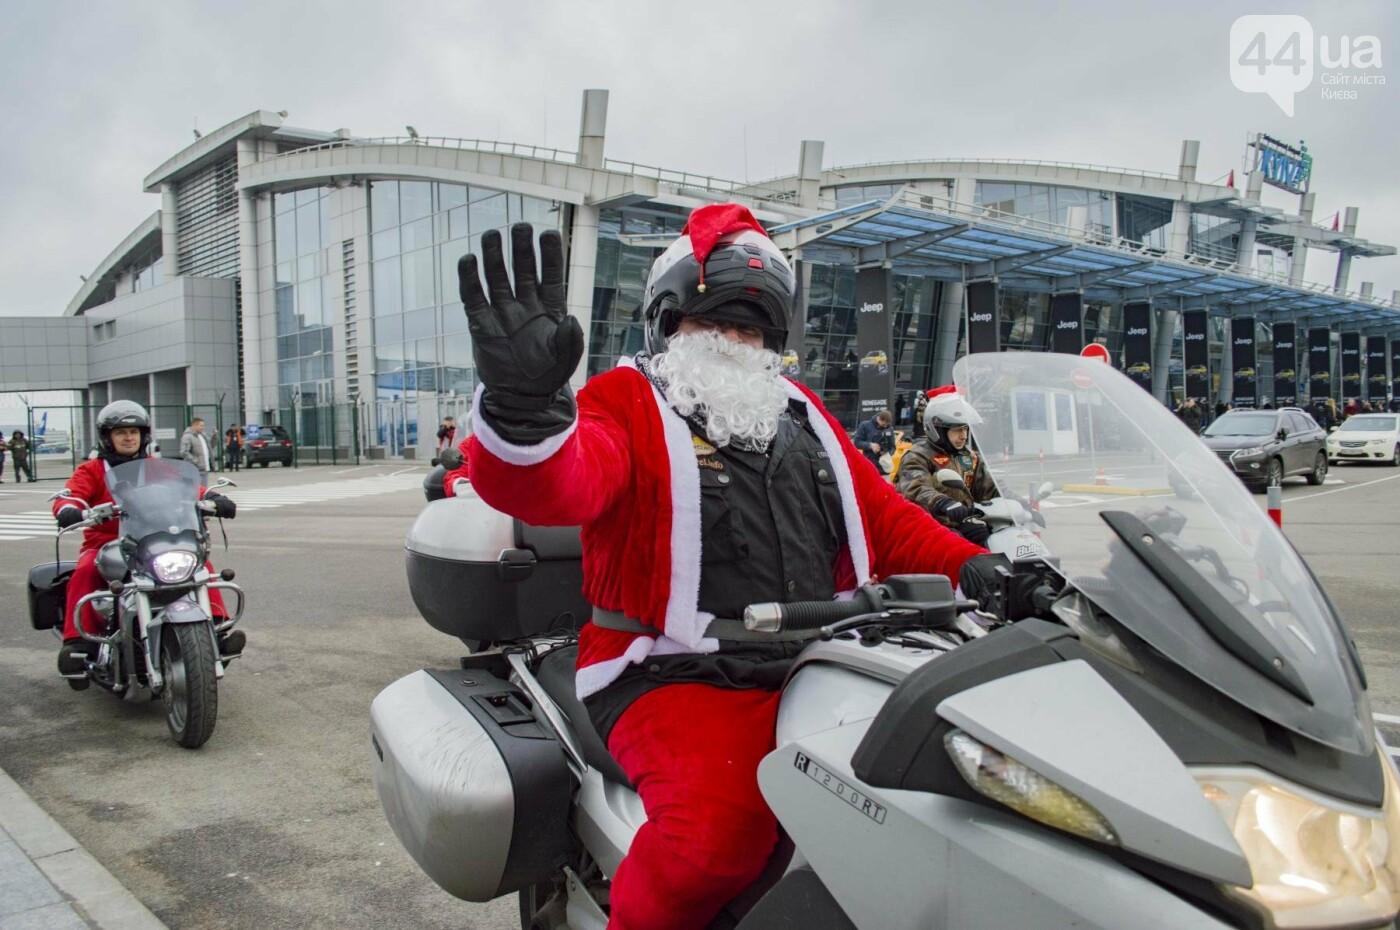 В Киеве брутальные байкеры в костюмах Санта-Клаусов устроили масштабный мотопробег (ФОТО), фото-23